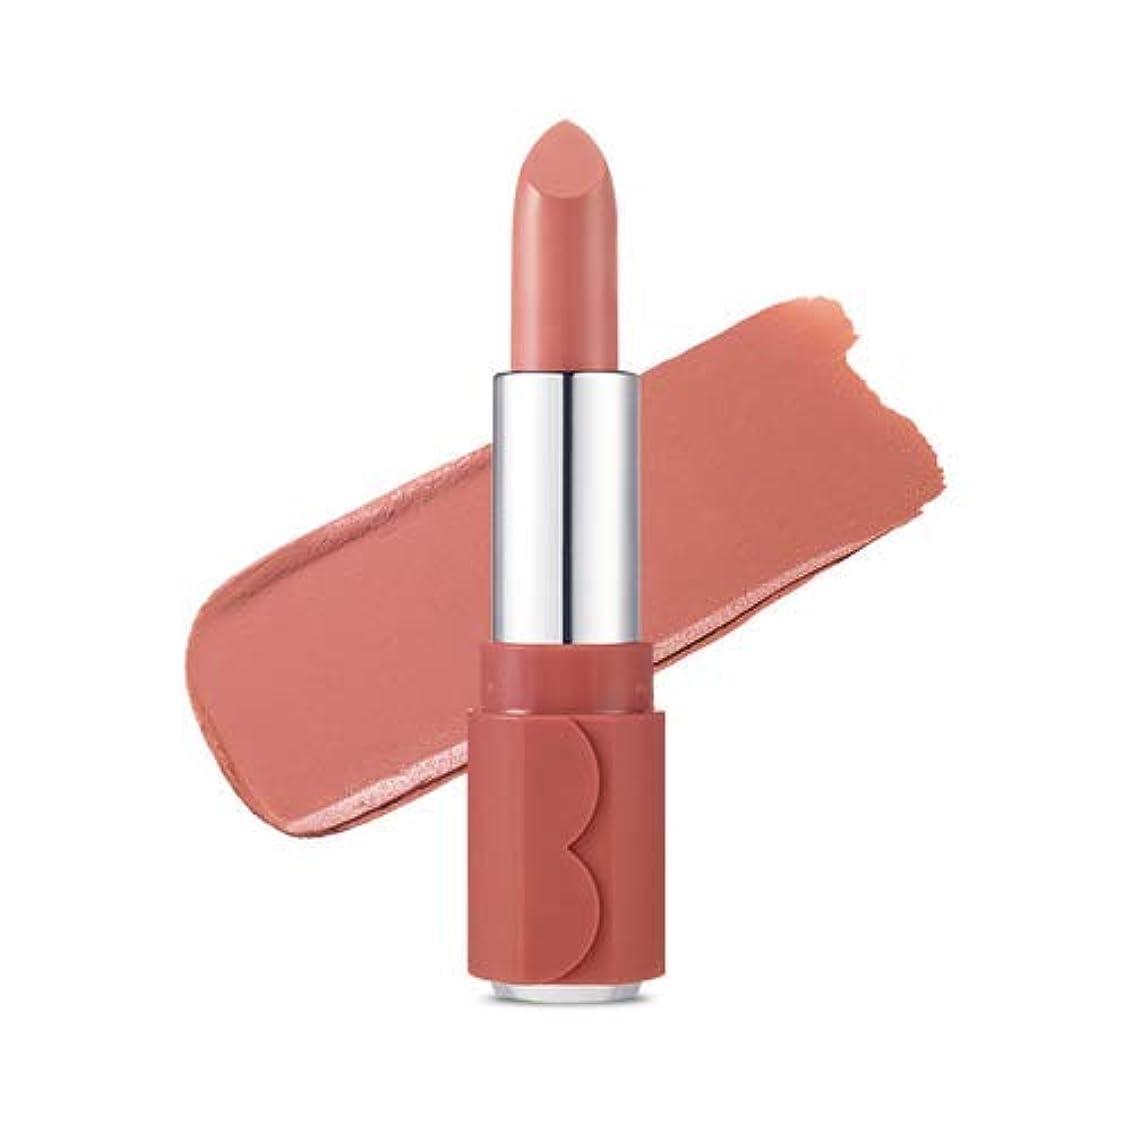 再生可能書く期限エチュードハウス ディアマイブルーミングリップストーク 3.4g / ETUDE HOUSE Dear My Blooming Lips Talk # BE118 Vienna Strawberry Latte [並行輸入品]